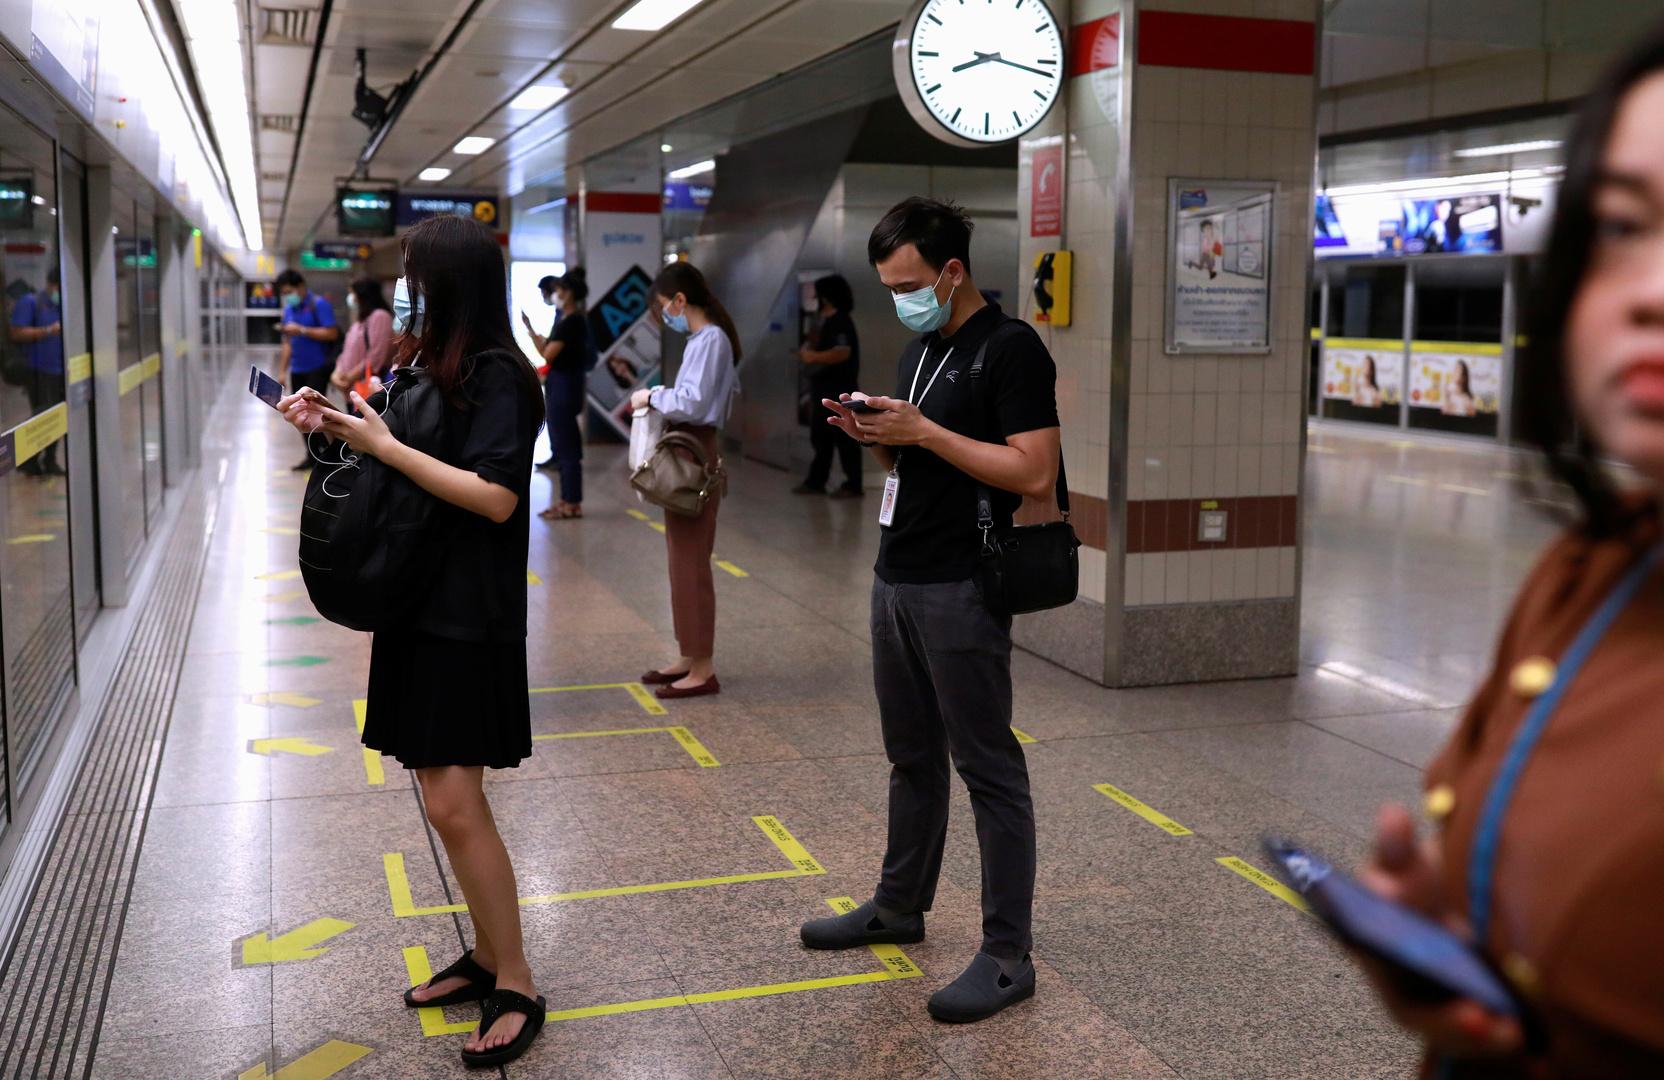 154 إصابة جديدة بكورونا في الصين وكوريا الجنوبية وثاني وفاة في تايلاند